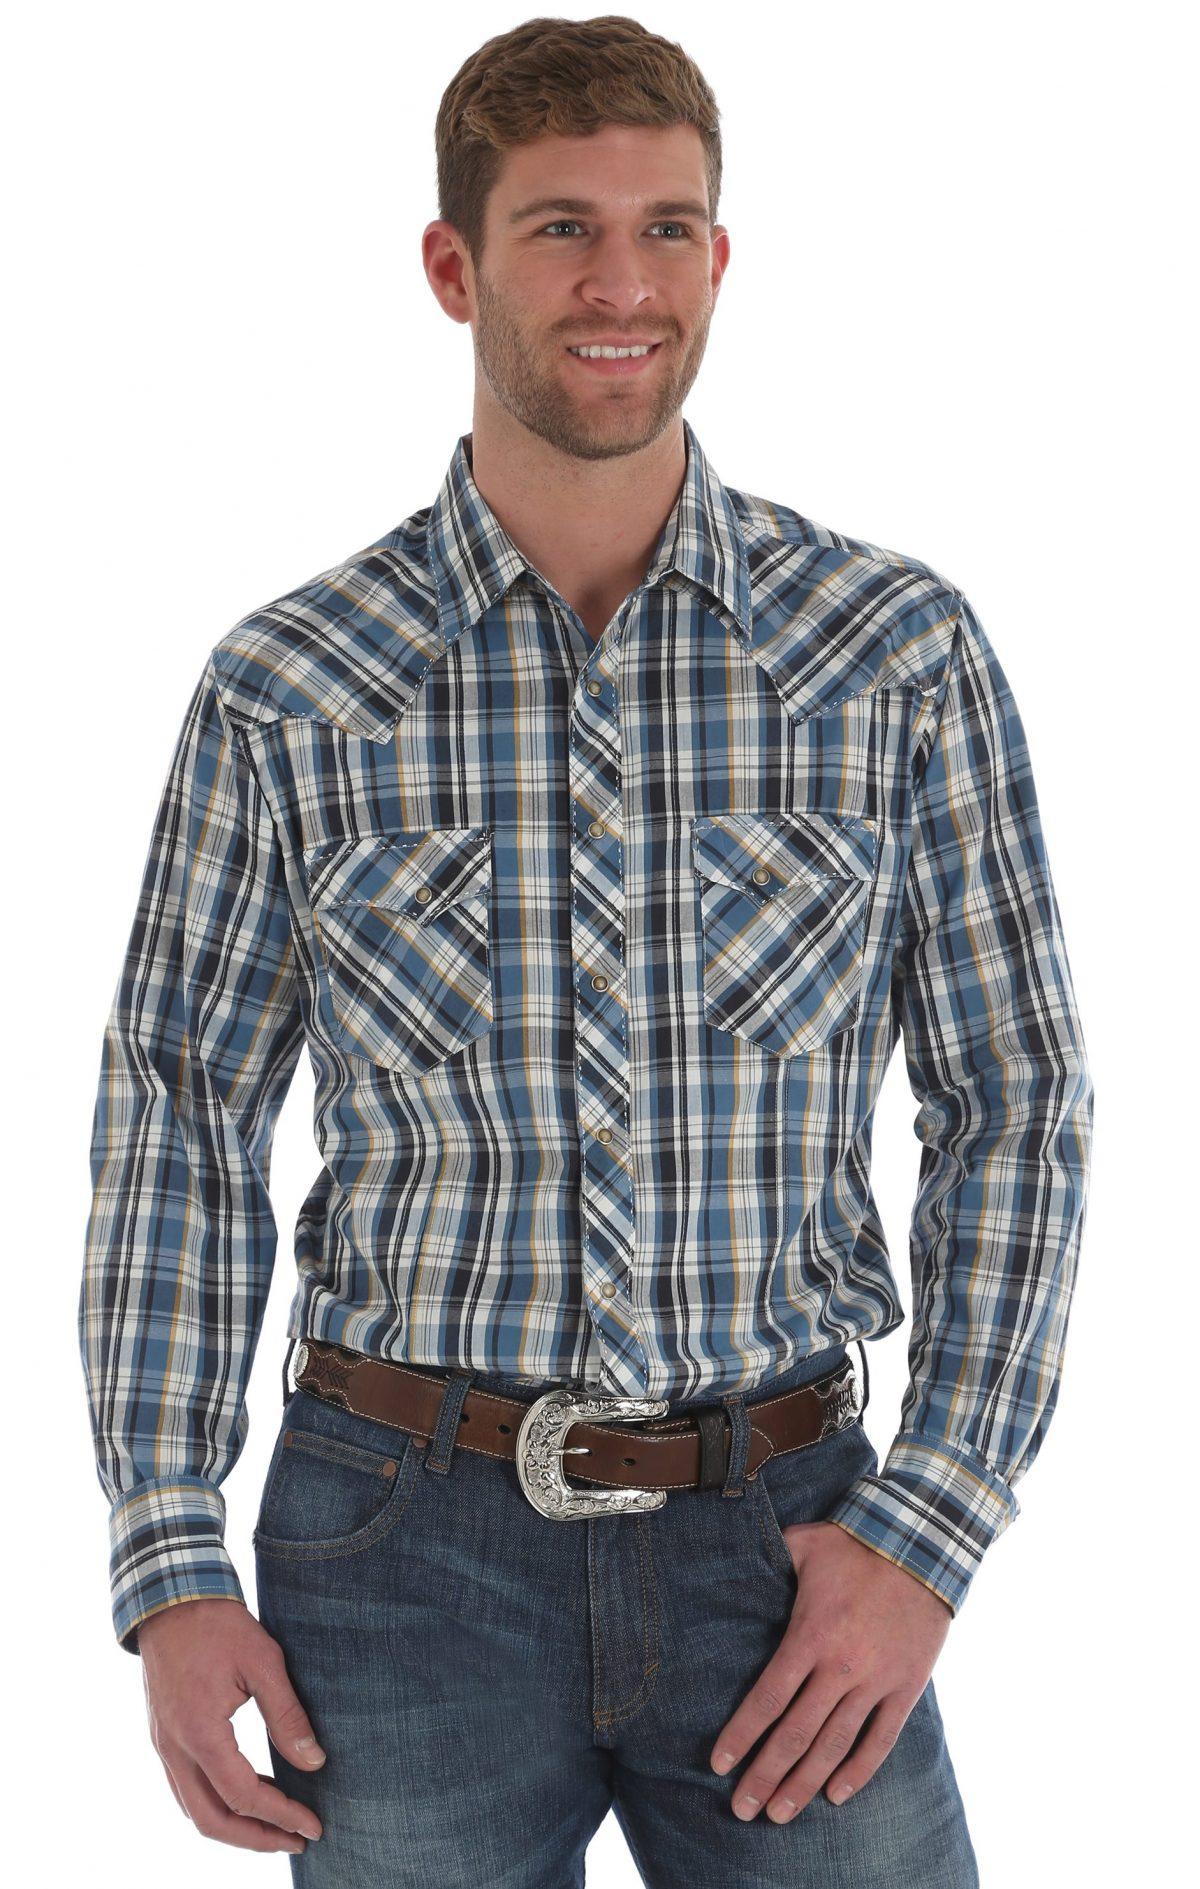 wrangler_8_seconds_western_wear